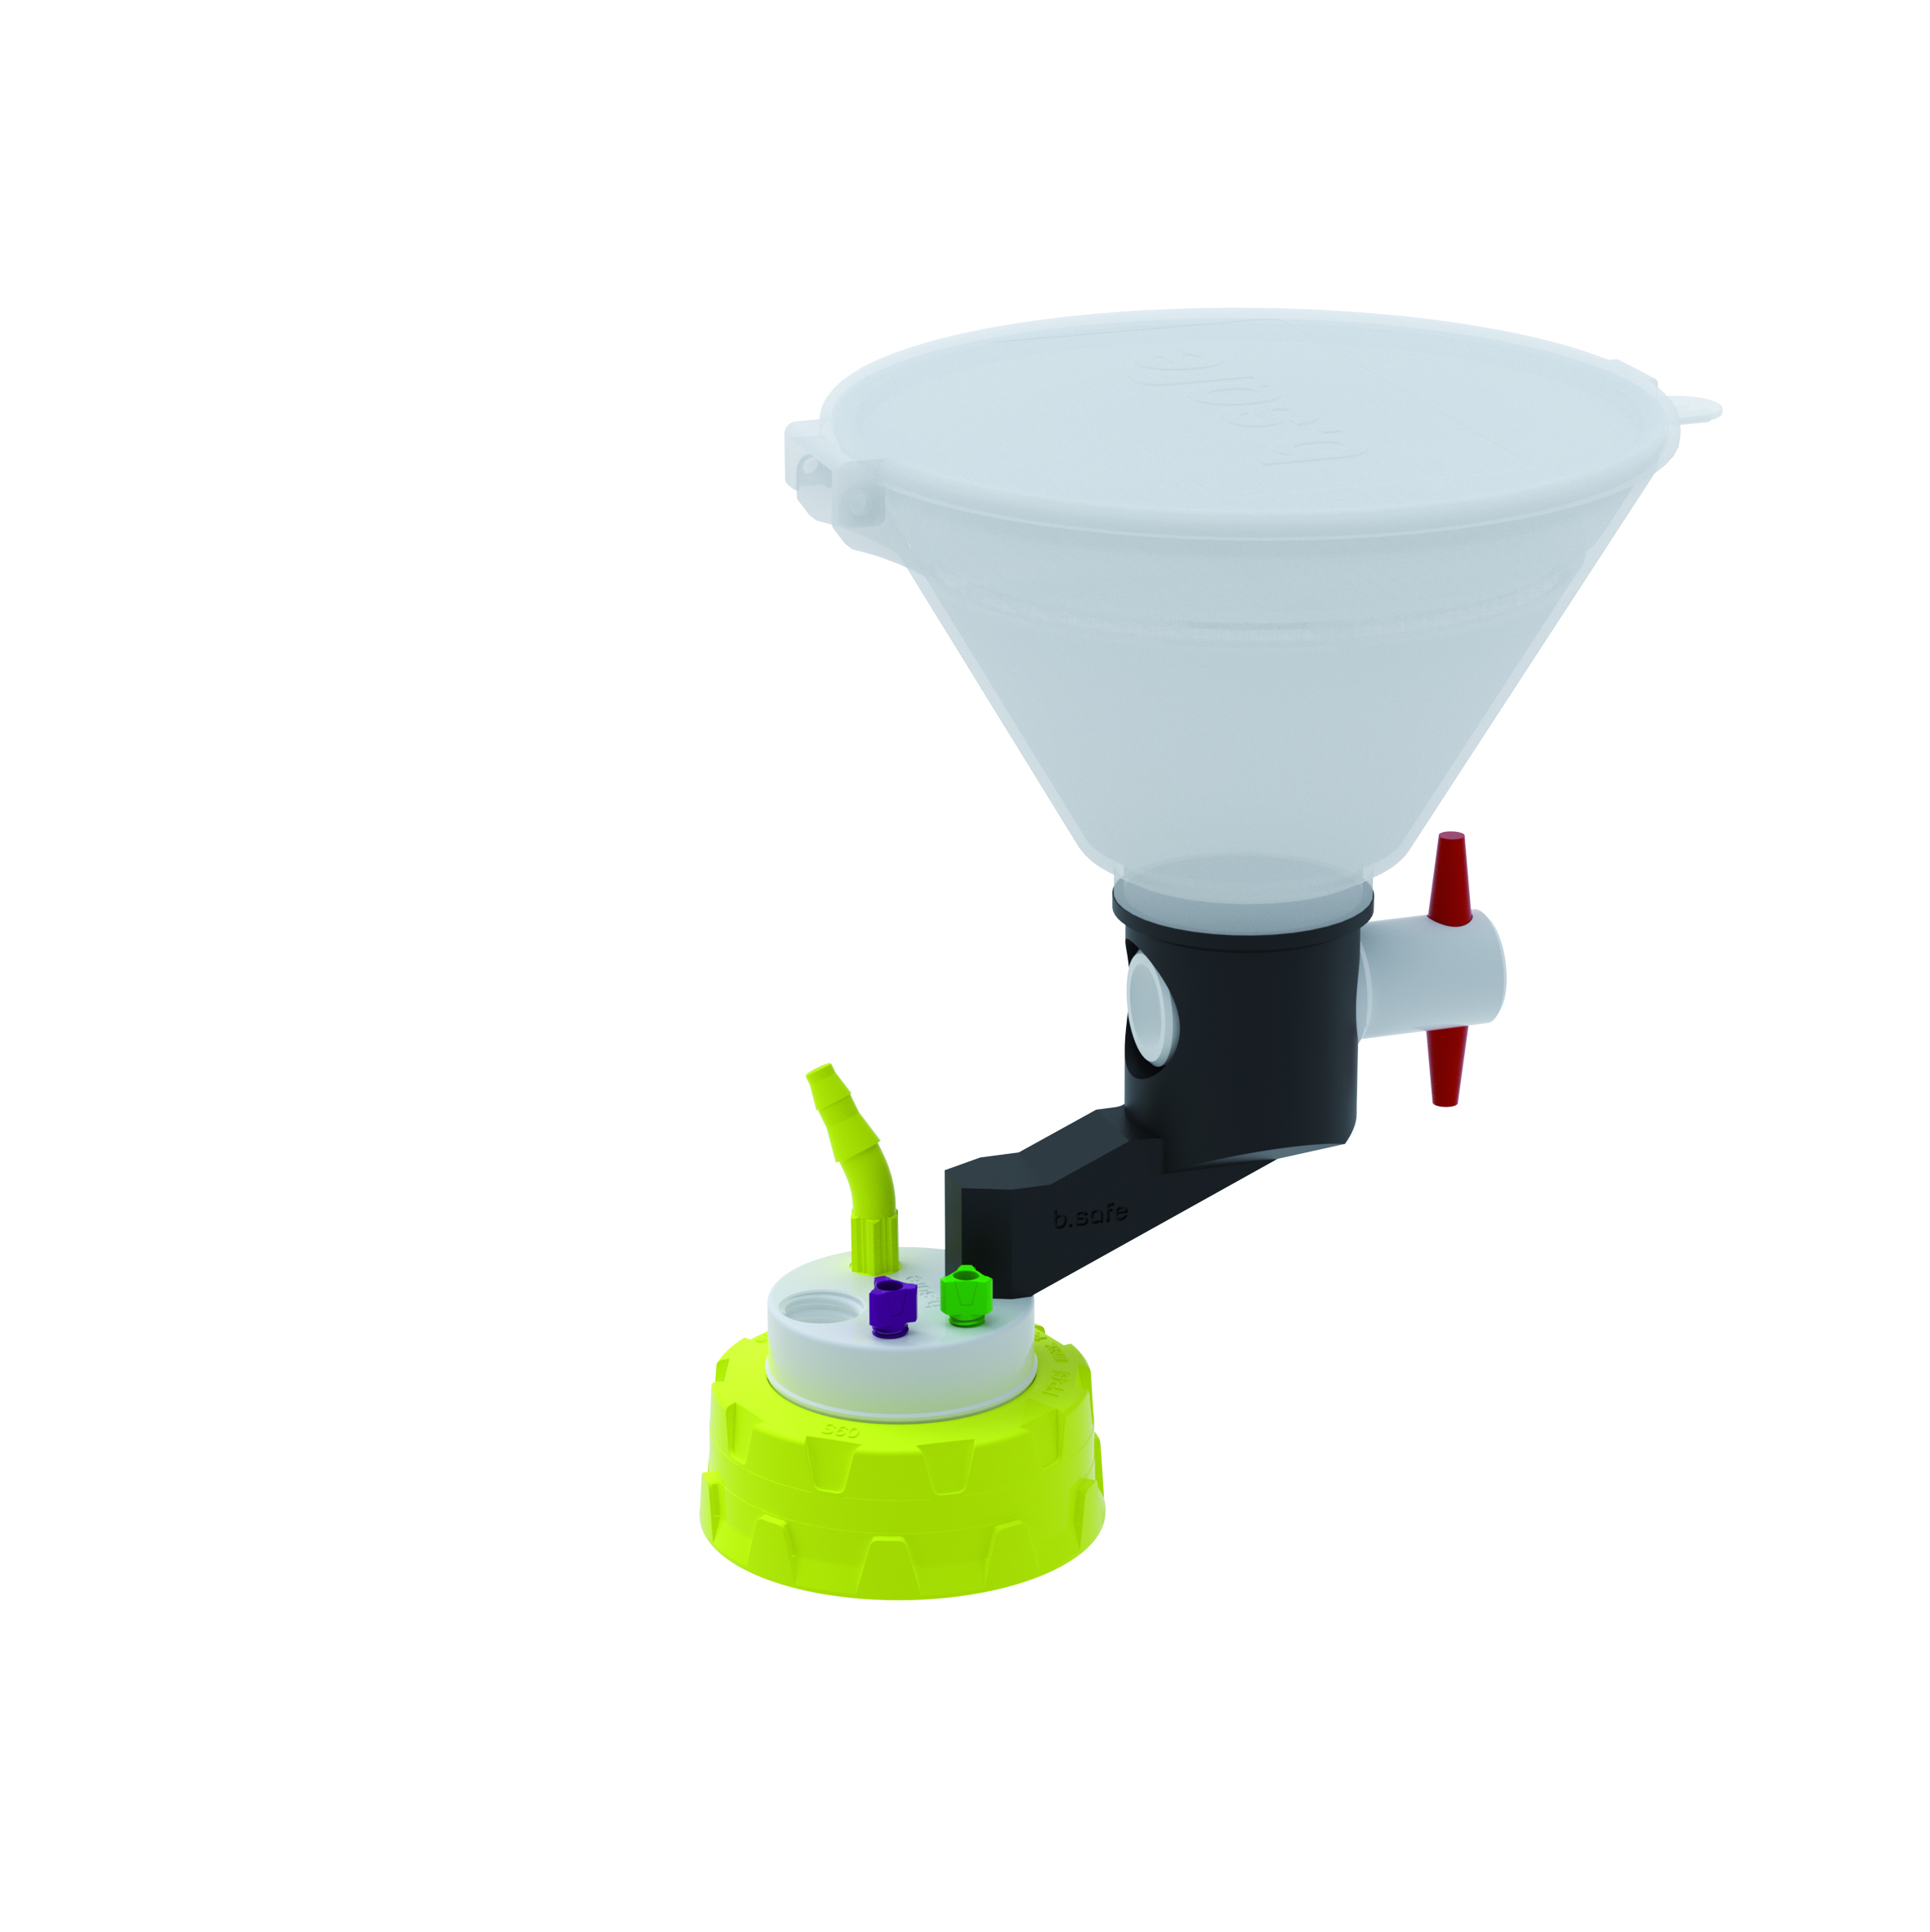 Waste Cap S60 mit Einfülltrichter  Schraubkappe aus PP für Gewinde S60, frei drehbarer Einsatz aus PTFE. Mit P